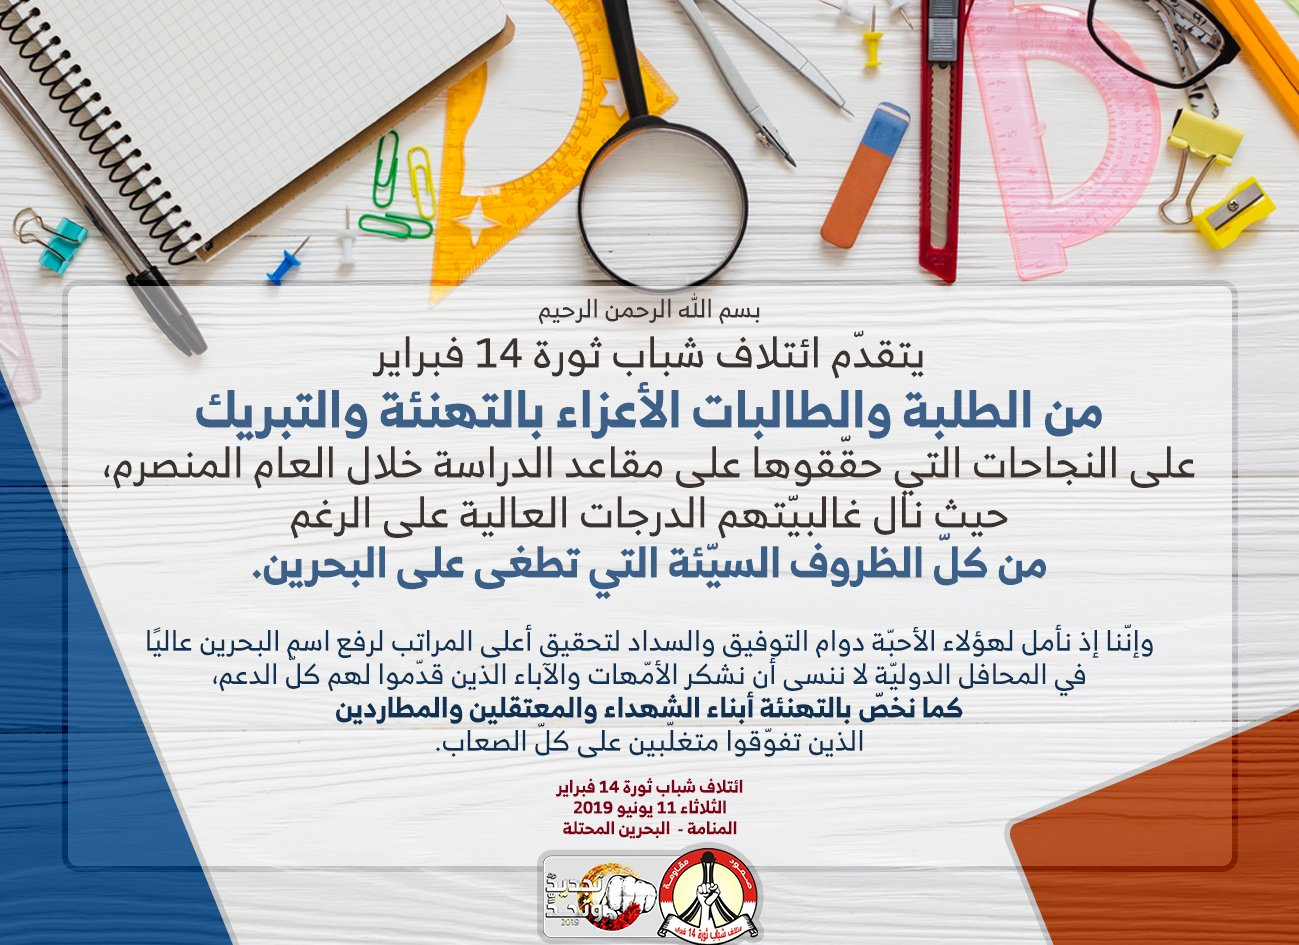 ائتلاف شباب ثورة 14 فبراير يبارك للطلبة نجاحهم في العام الدراسي المنصرم